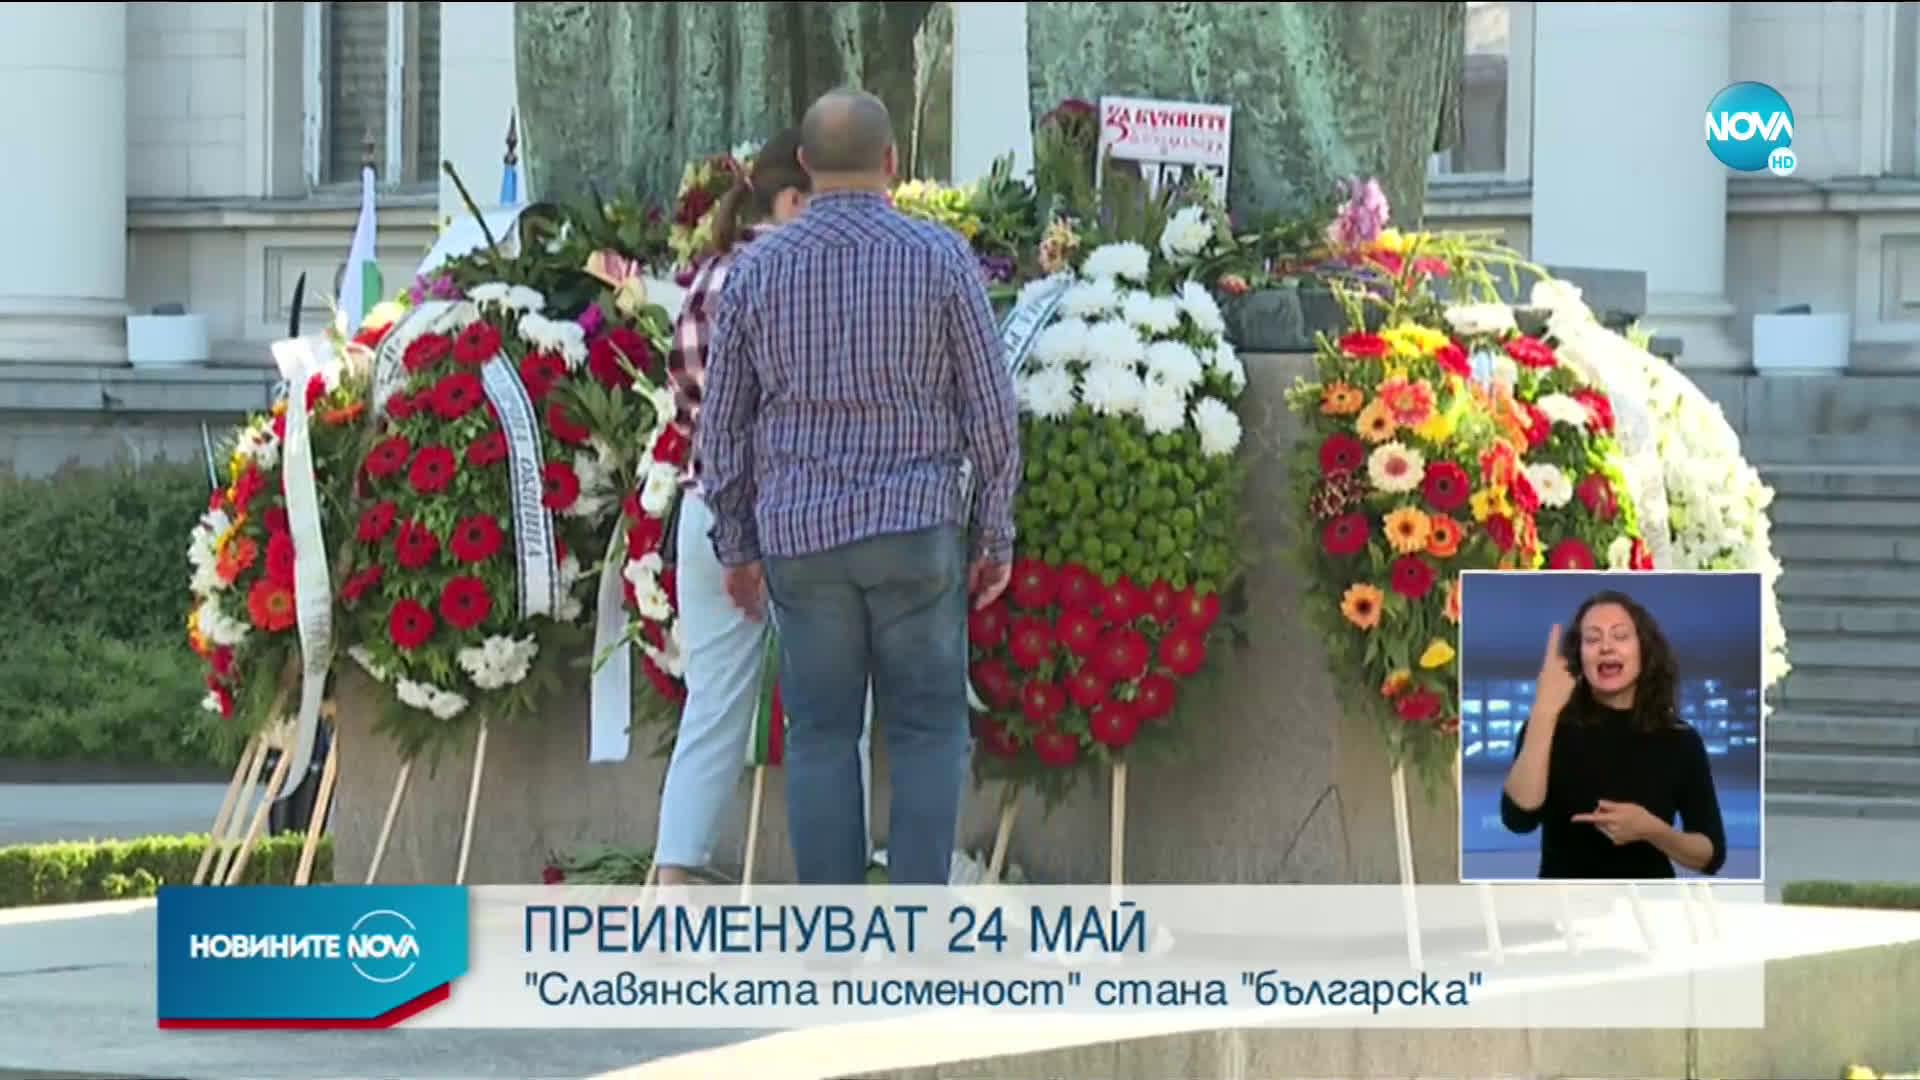 24 май вече няма да е Ден на славянската писменост